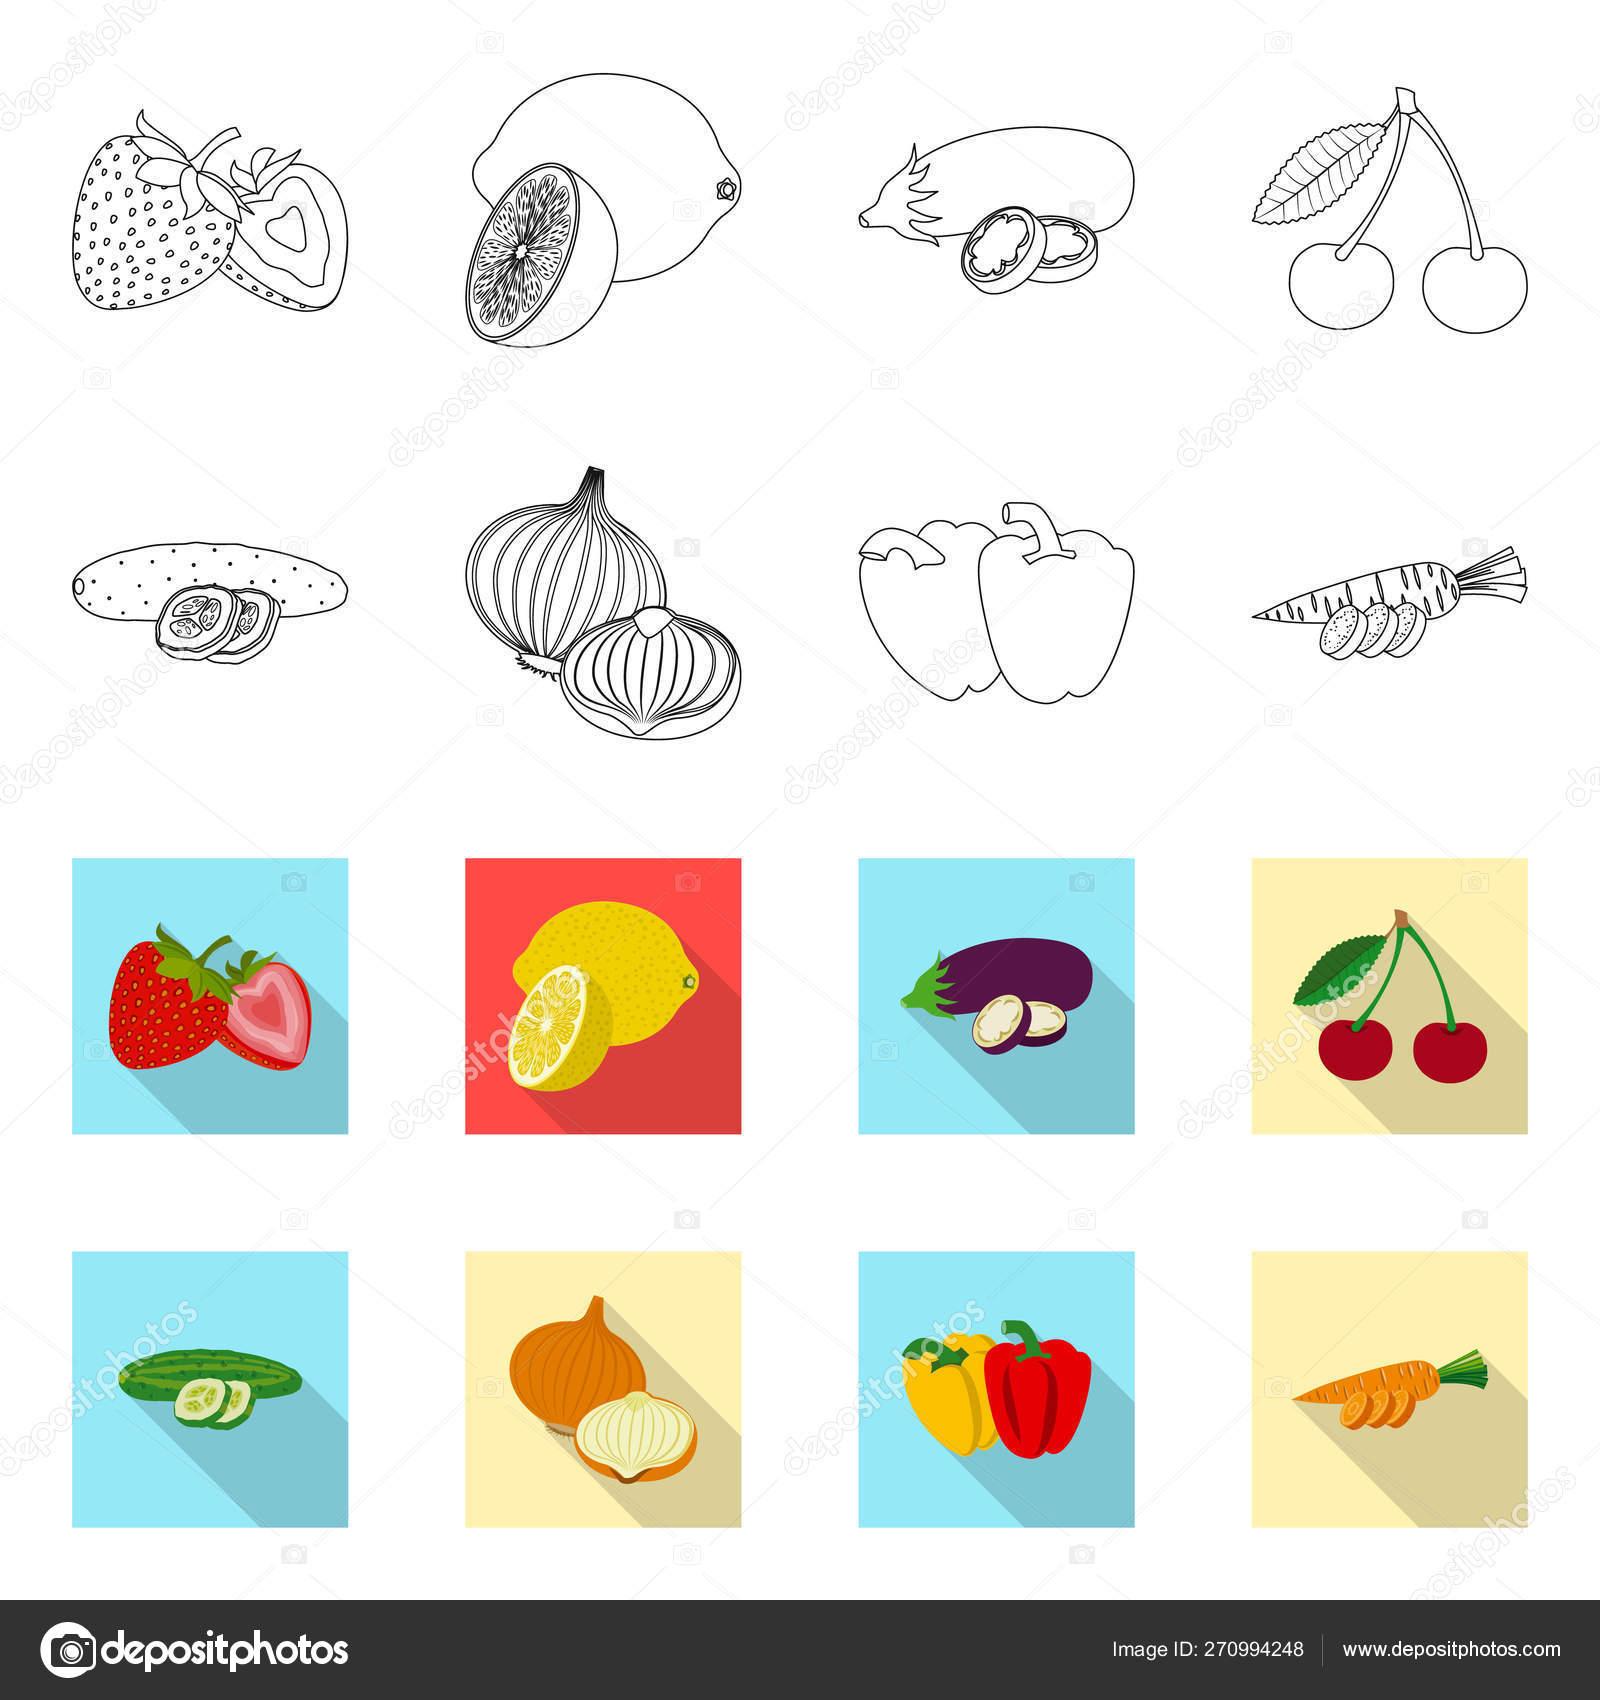 упростился порядок картинка условного обозначения фрукты и овощи удивительно красивая